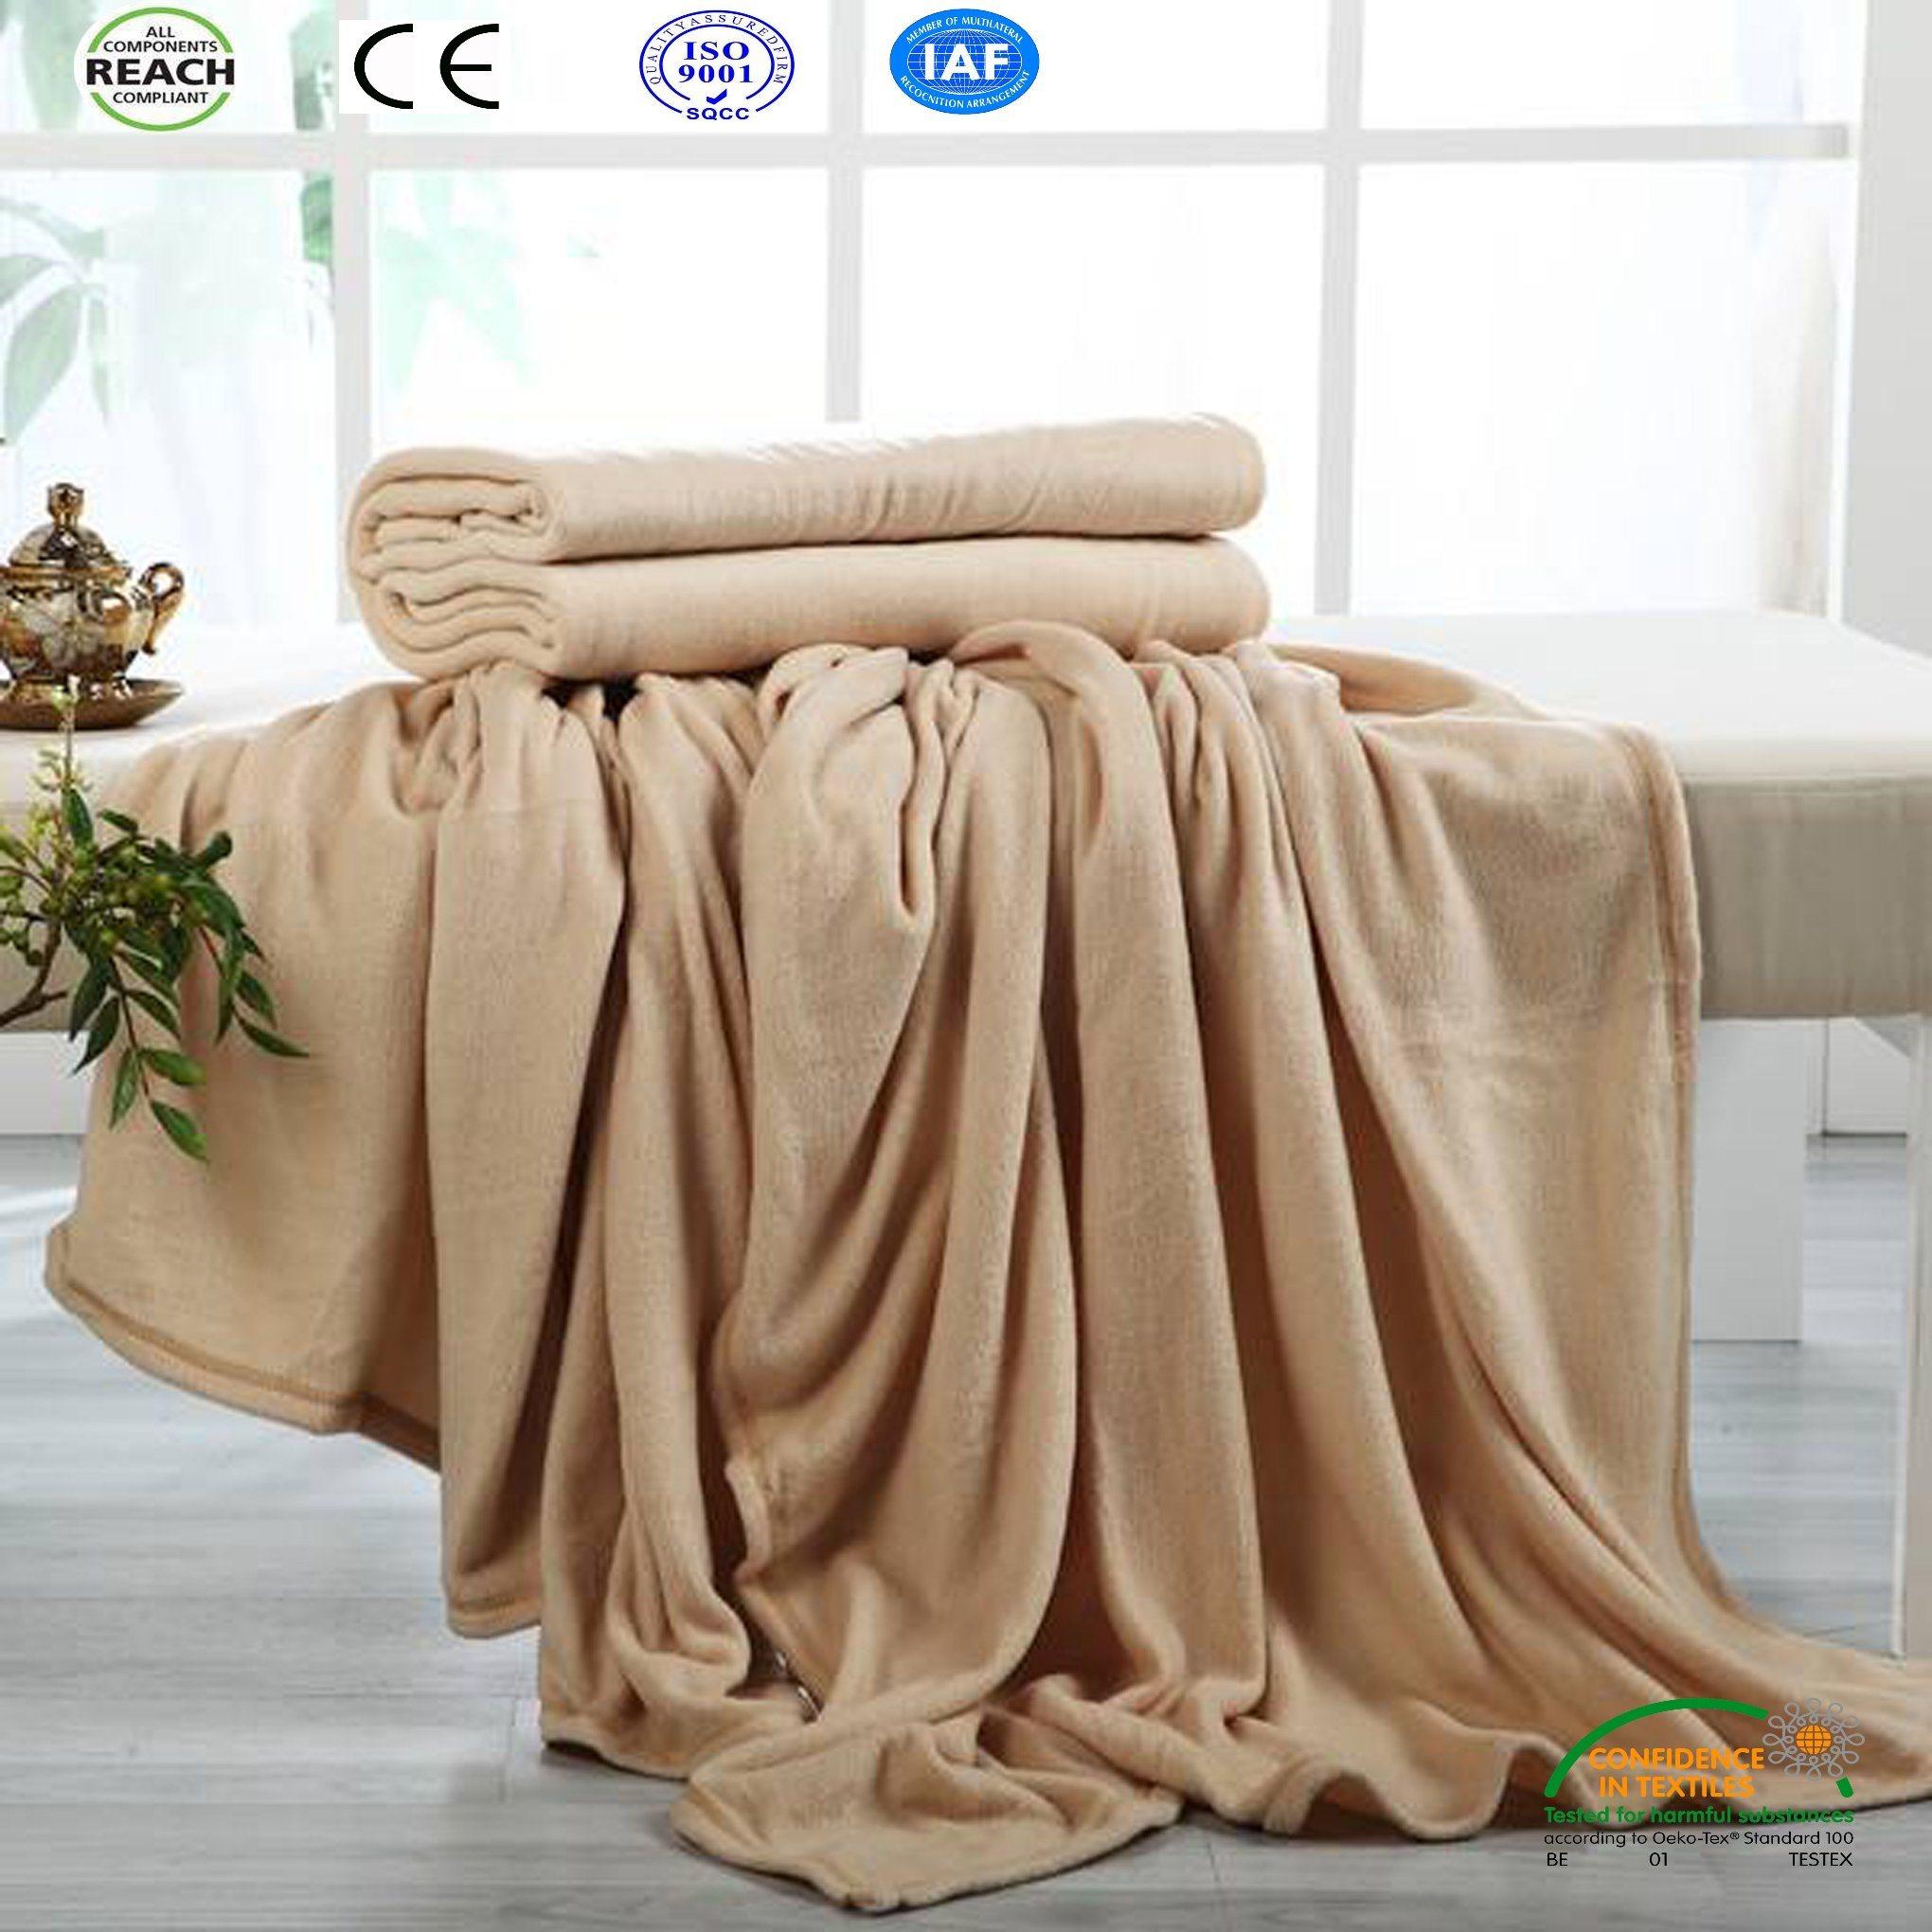 Camel Super Warm Coral Fleece Blanket (Bed Sheet Bed Cover Fleece Hometextile)